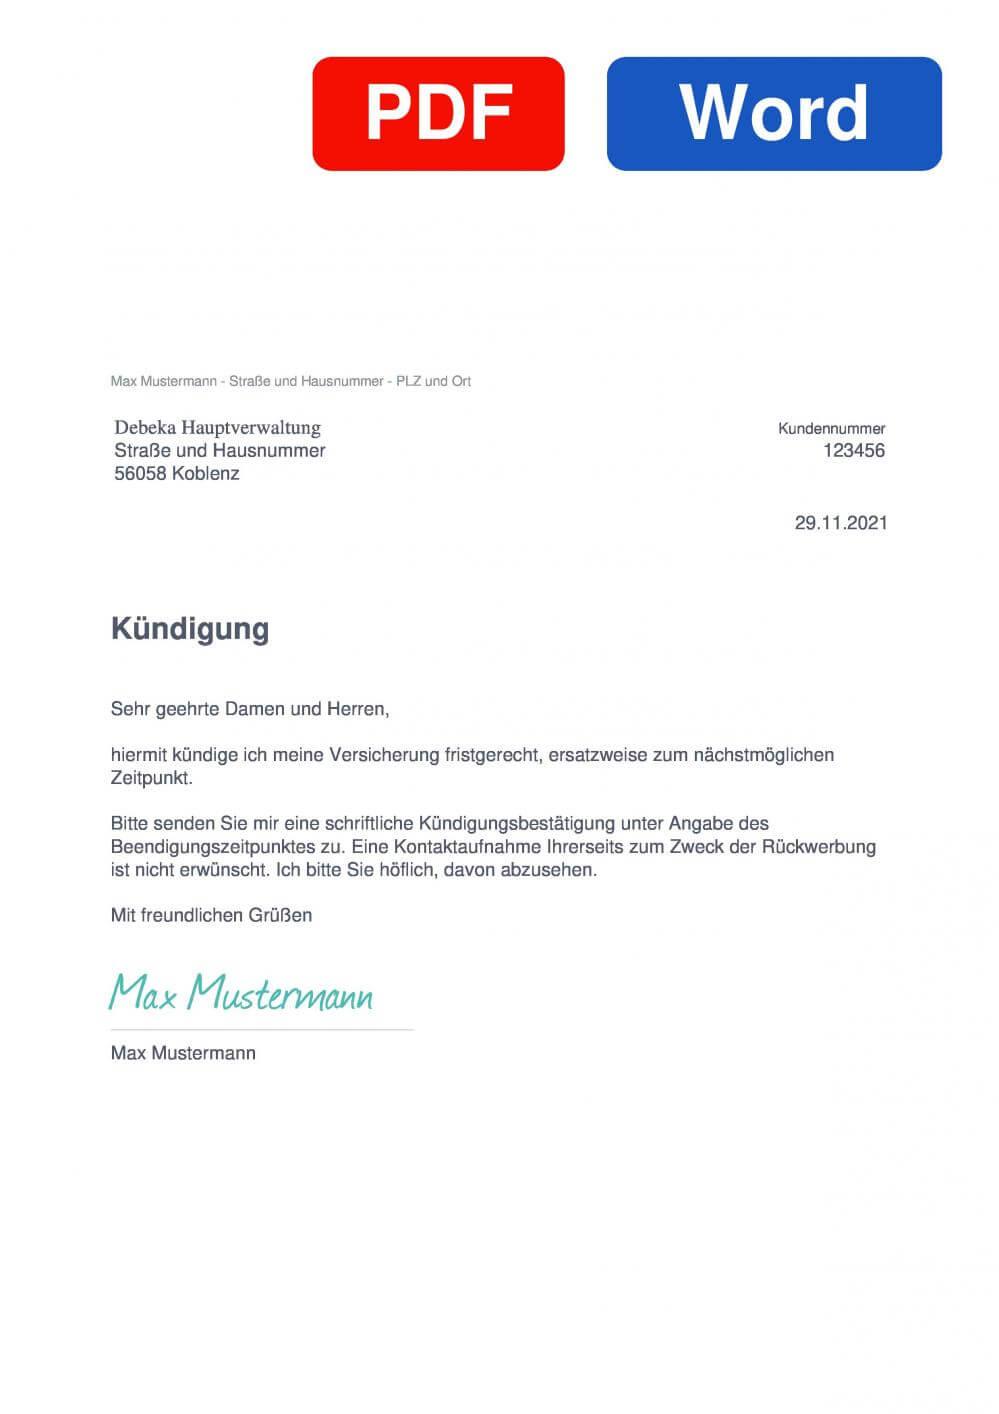 Debeka Krankenversicherungsverein Muster Vorlage für Kündigungsschreiben